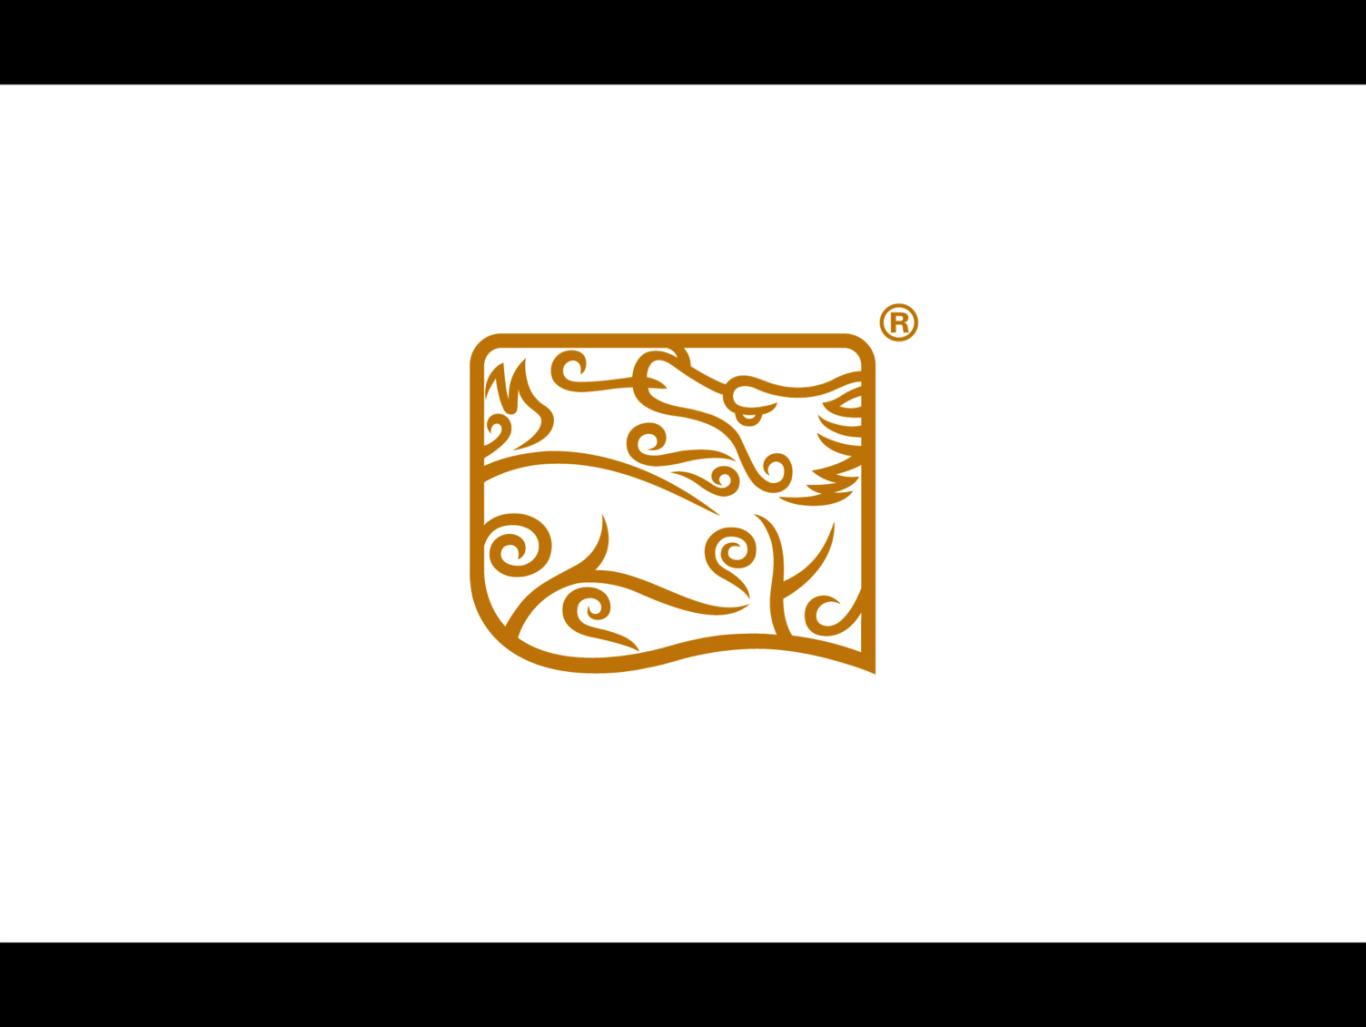 麒麟瑞祥珠宝 logo设计图0